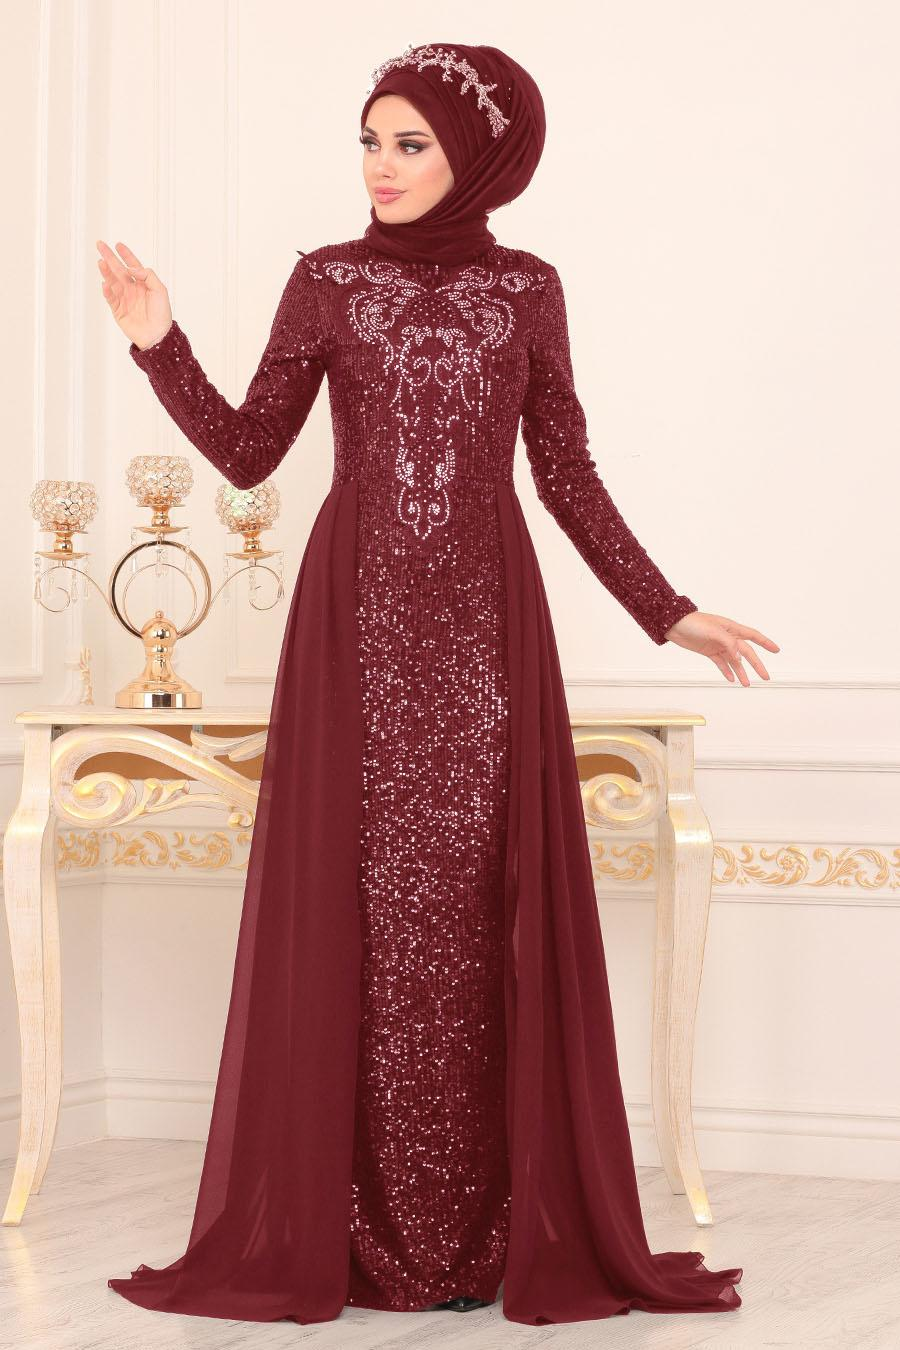 Nayla Collection - Pul Payetli Bordo Tesettür Abiye Elbise 25724BR